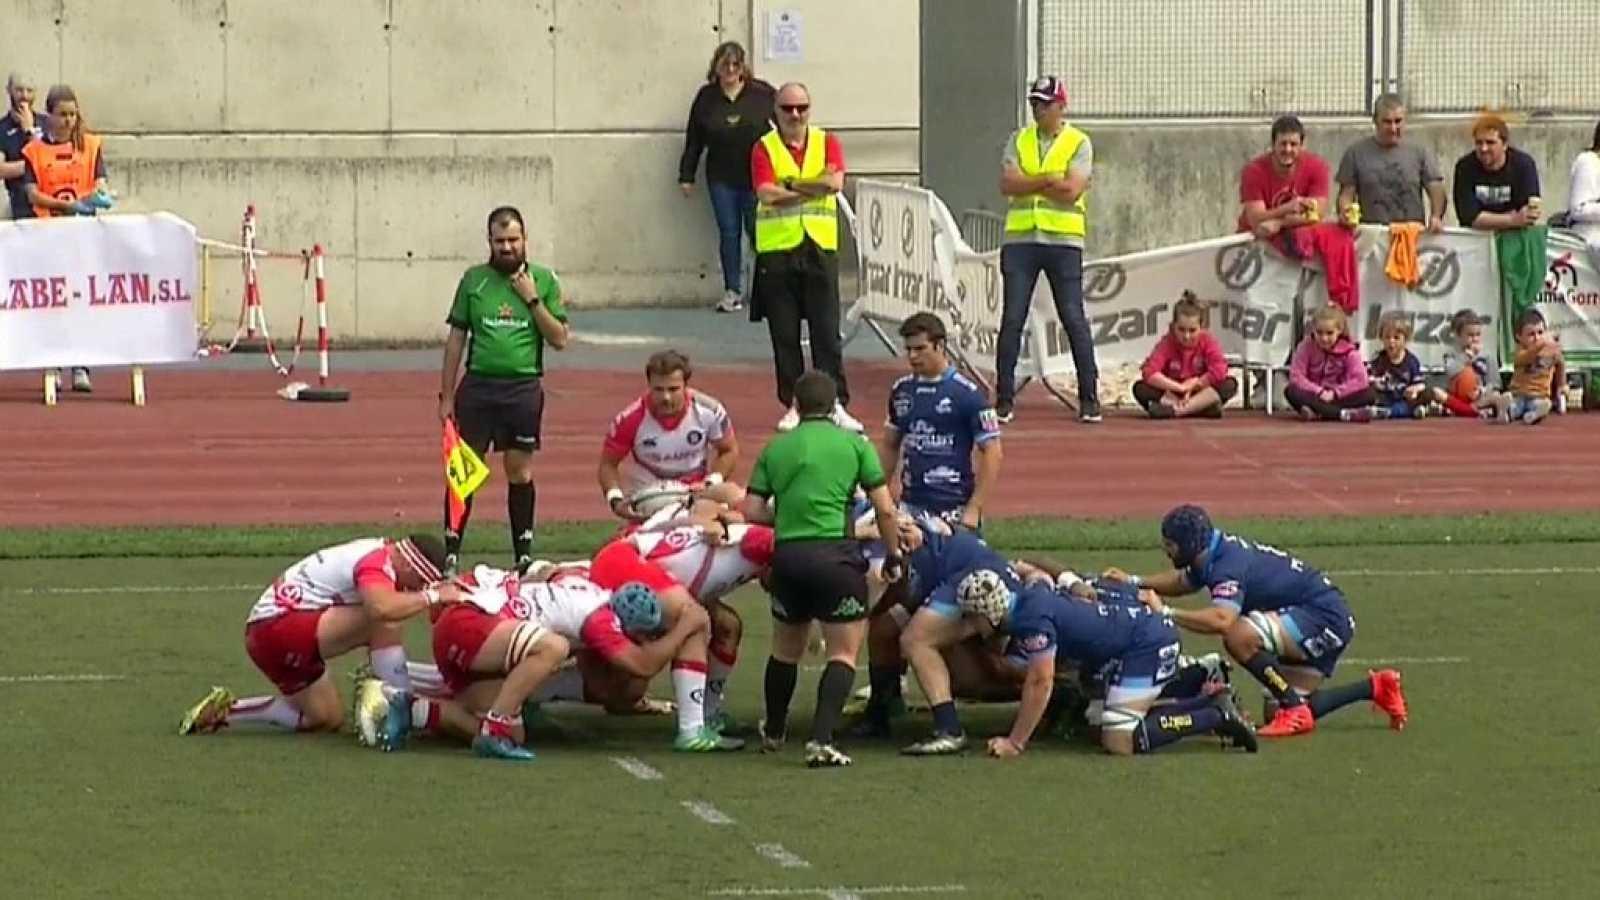 Rugby - Liga División de Honor Masculina. 22ª jornada: Ordizia RE - VRAC Valladolid - ver ahora